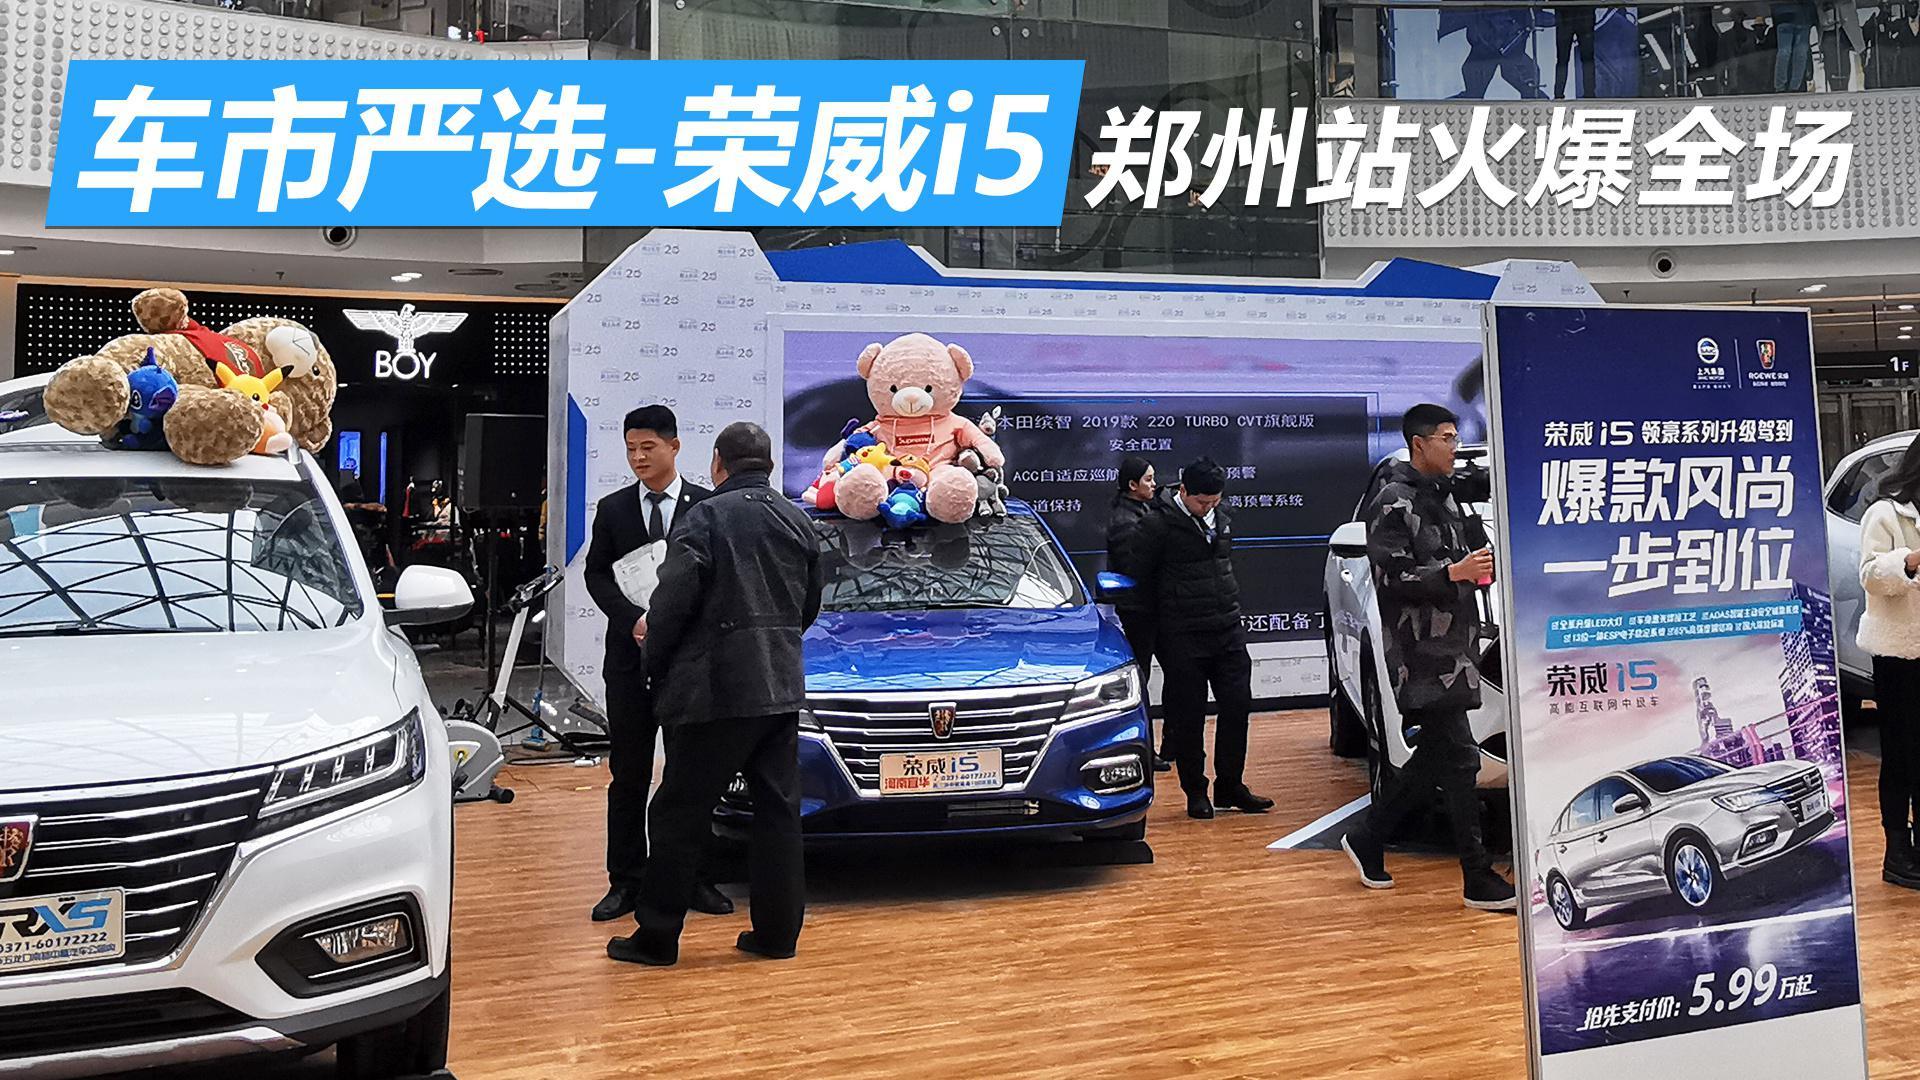 视频:车市严选-荣威i5郑州站火爆全场